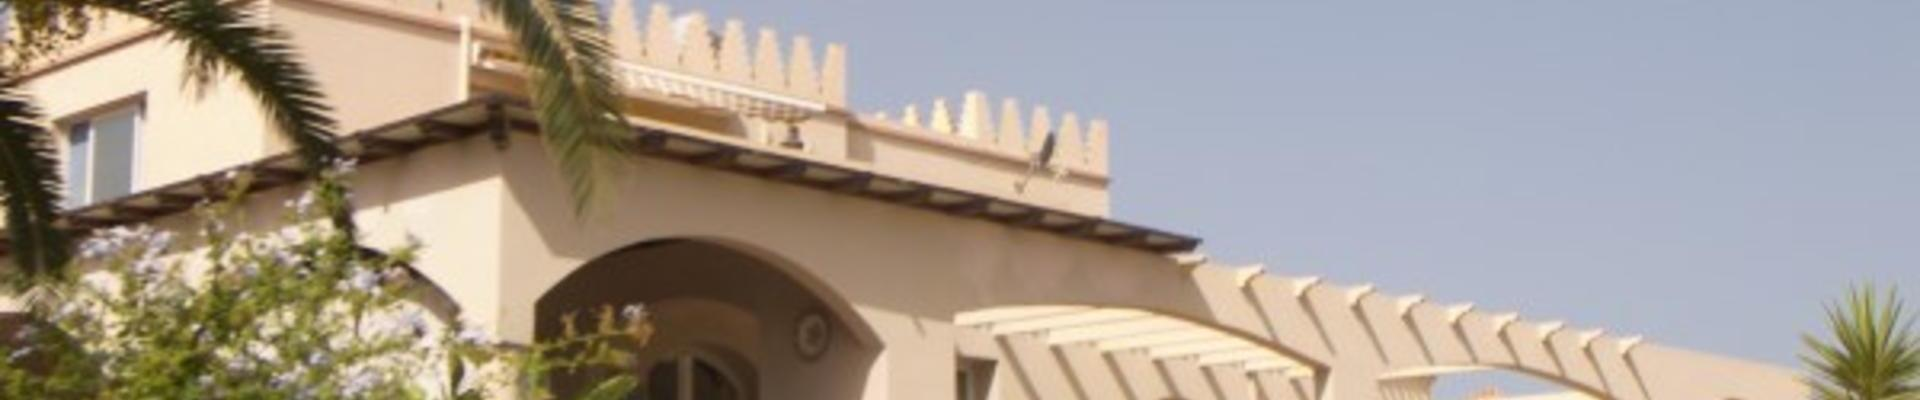 DV1476: 4 Bedroom Villa for Sale